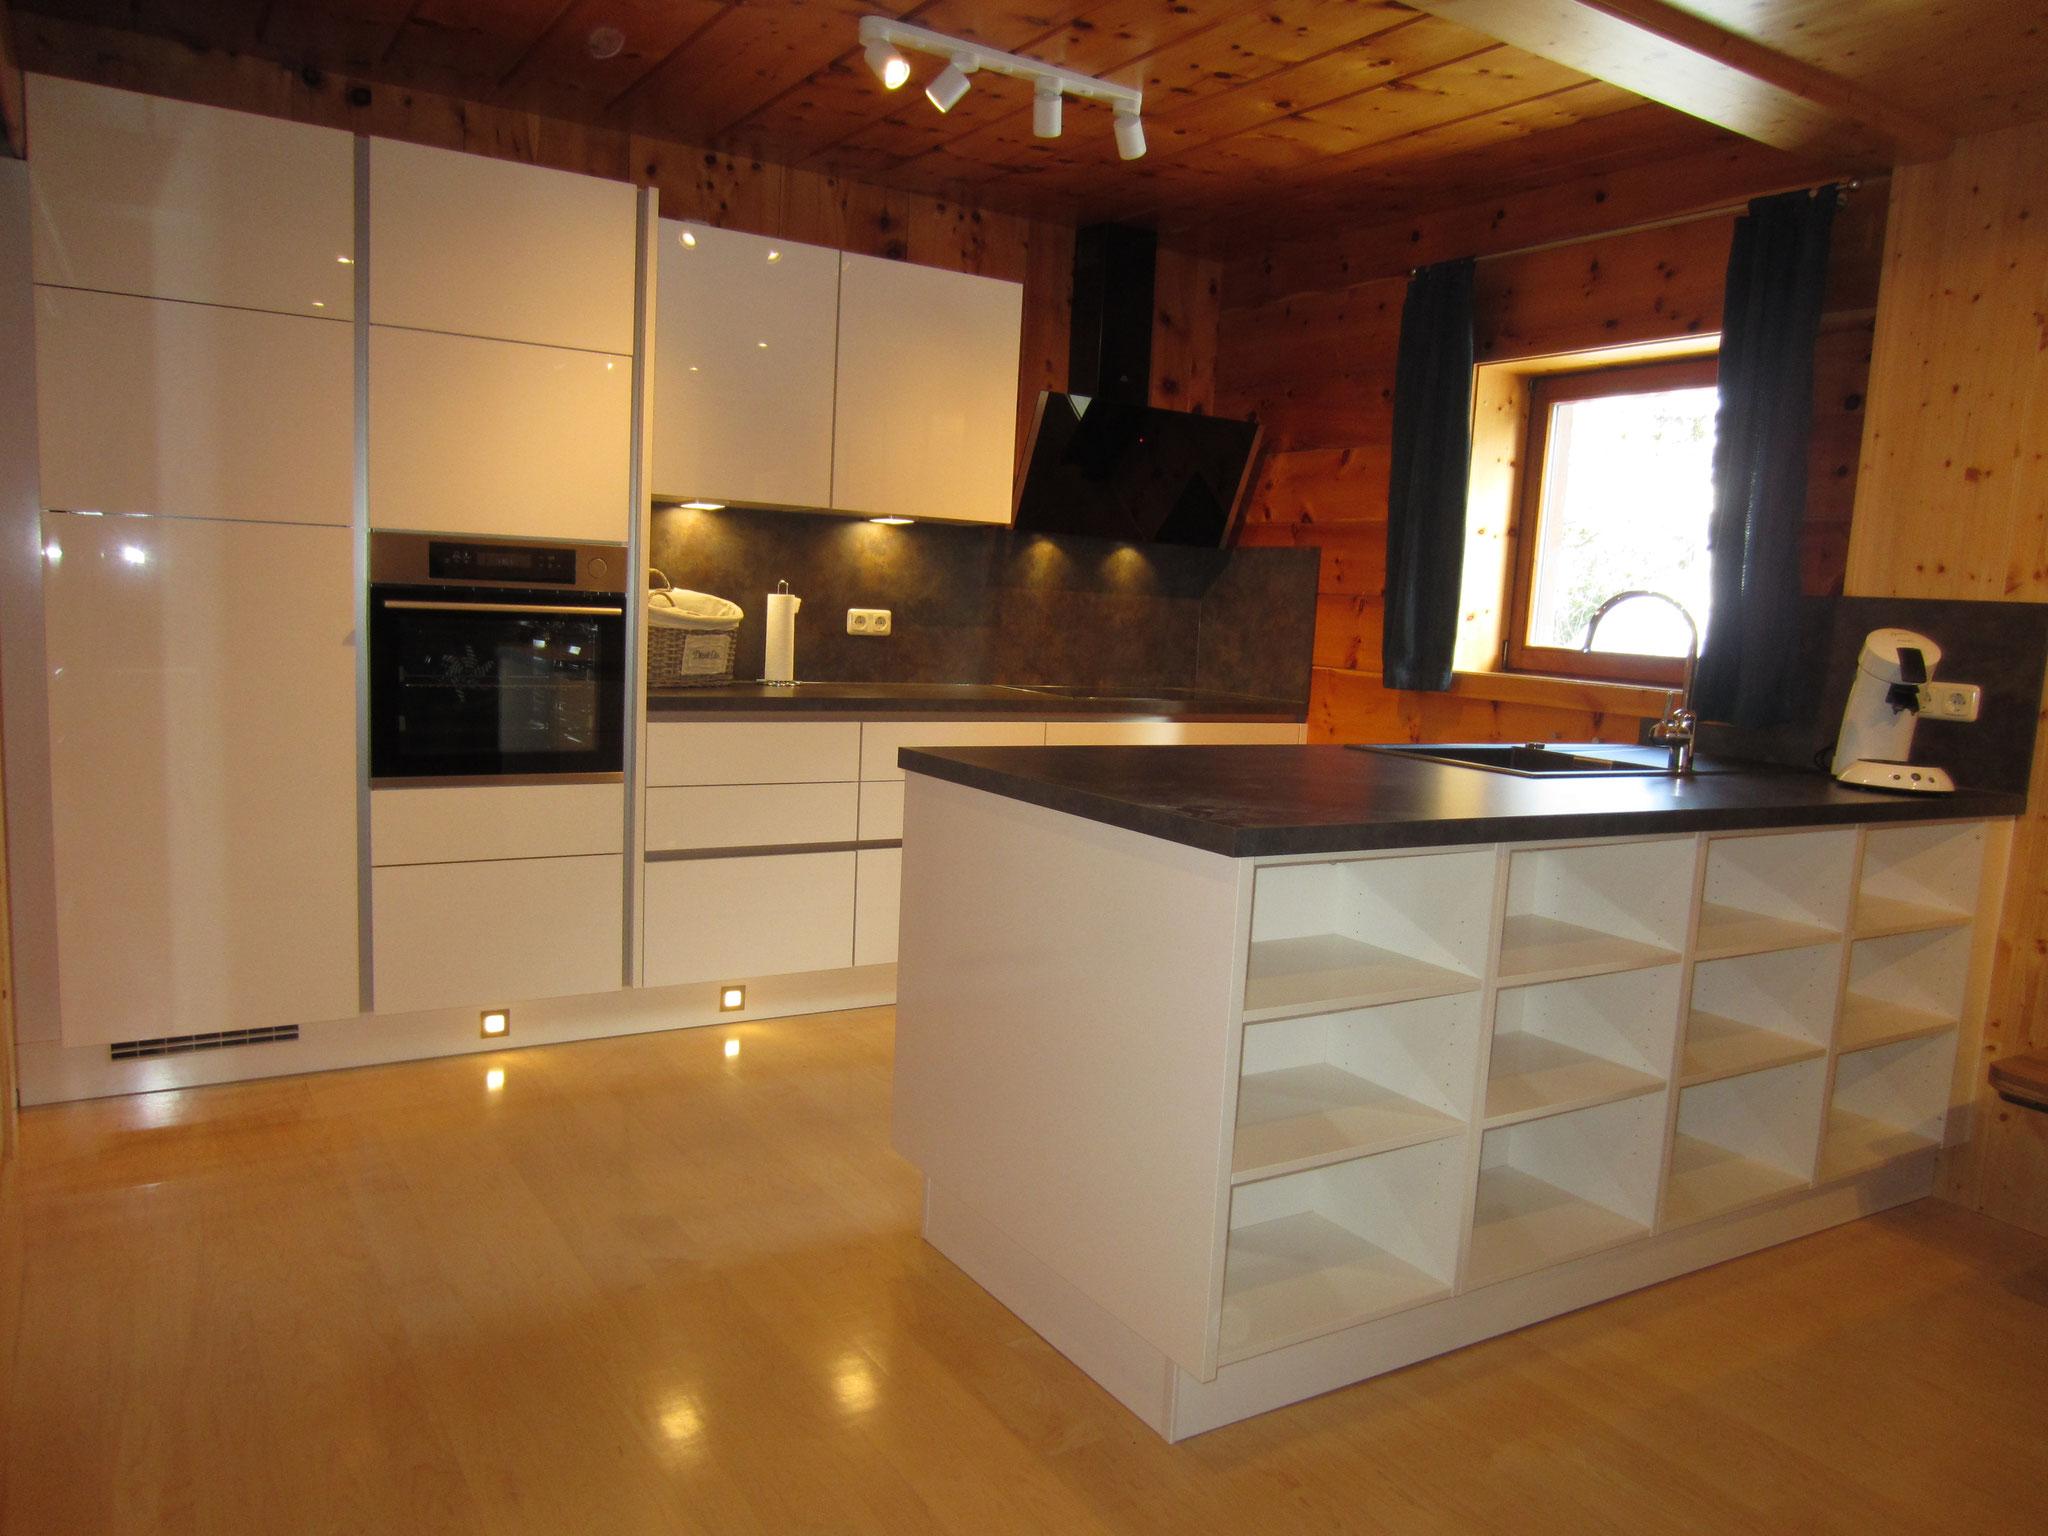 Zirbenwald-Lodge - Große offene Küche - NEU